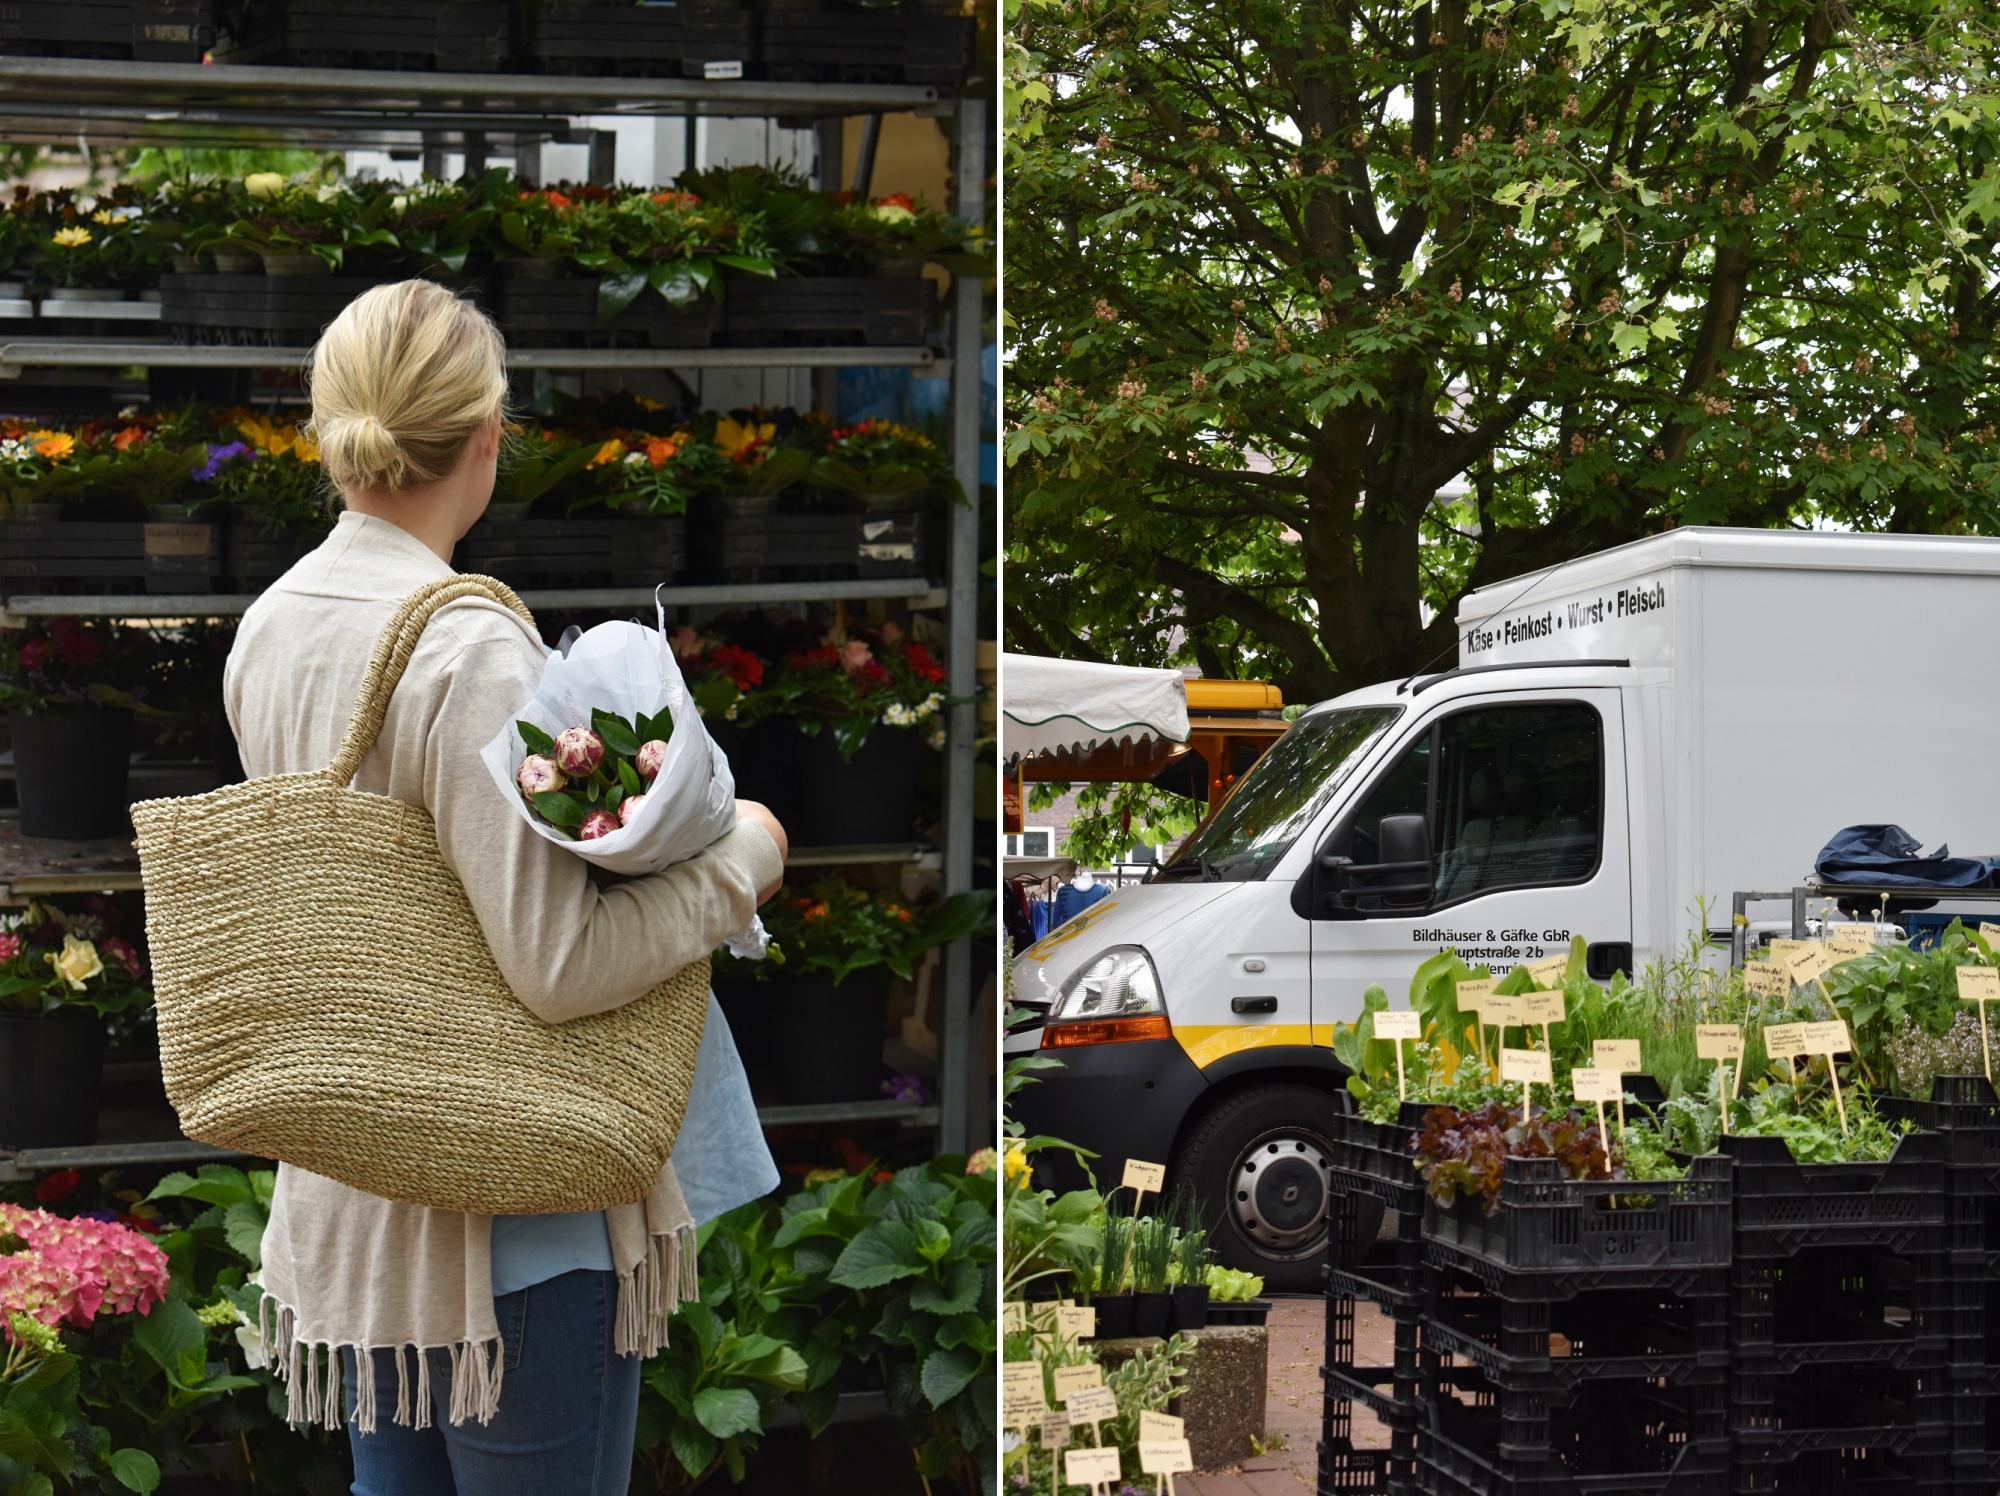 Wochenmarkt, FMA, regional einkaufen, saisonal einkaufen